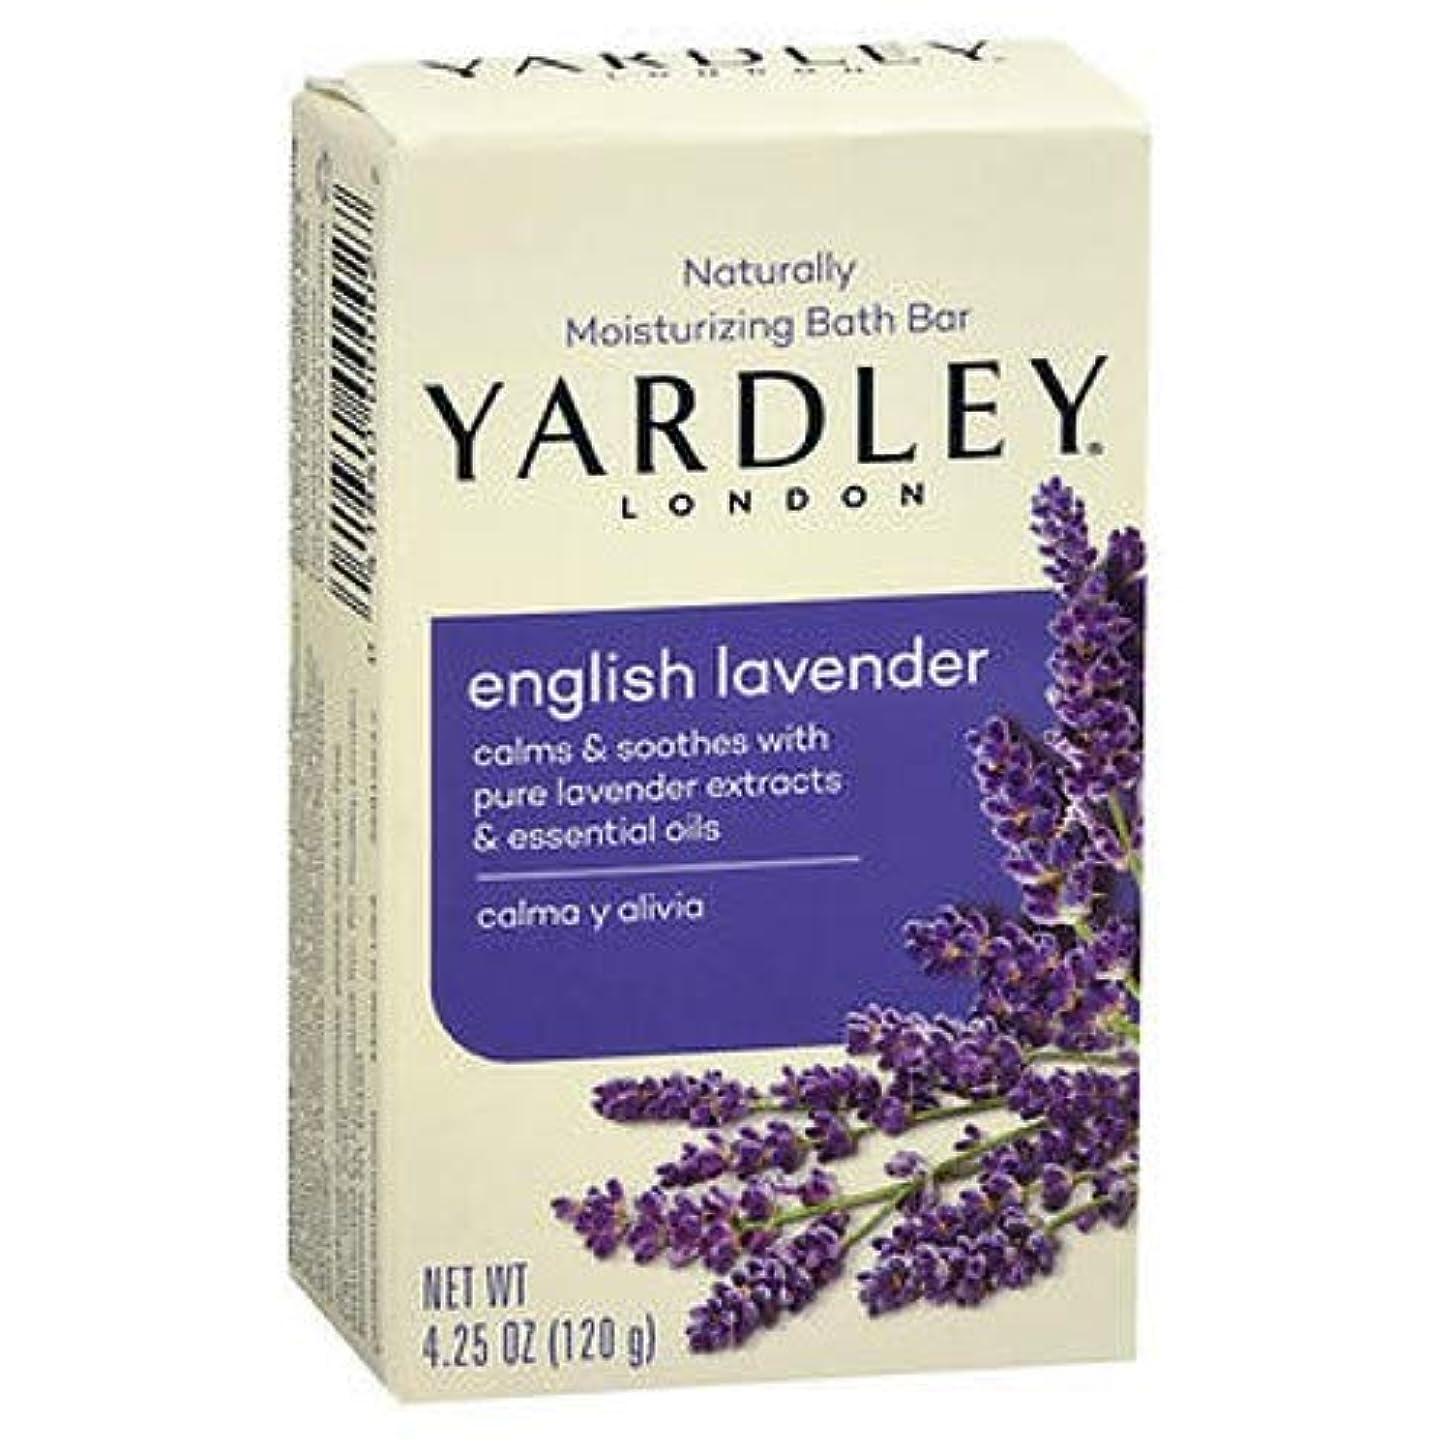 私達死んでいる保険海外直送品Yardley Yardley London Naturally Moisturizing Bar Soap, English Lavender 4.25 oz (Pack of 4)